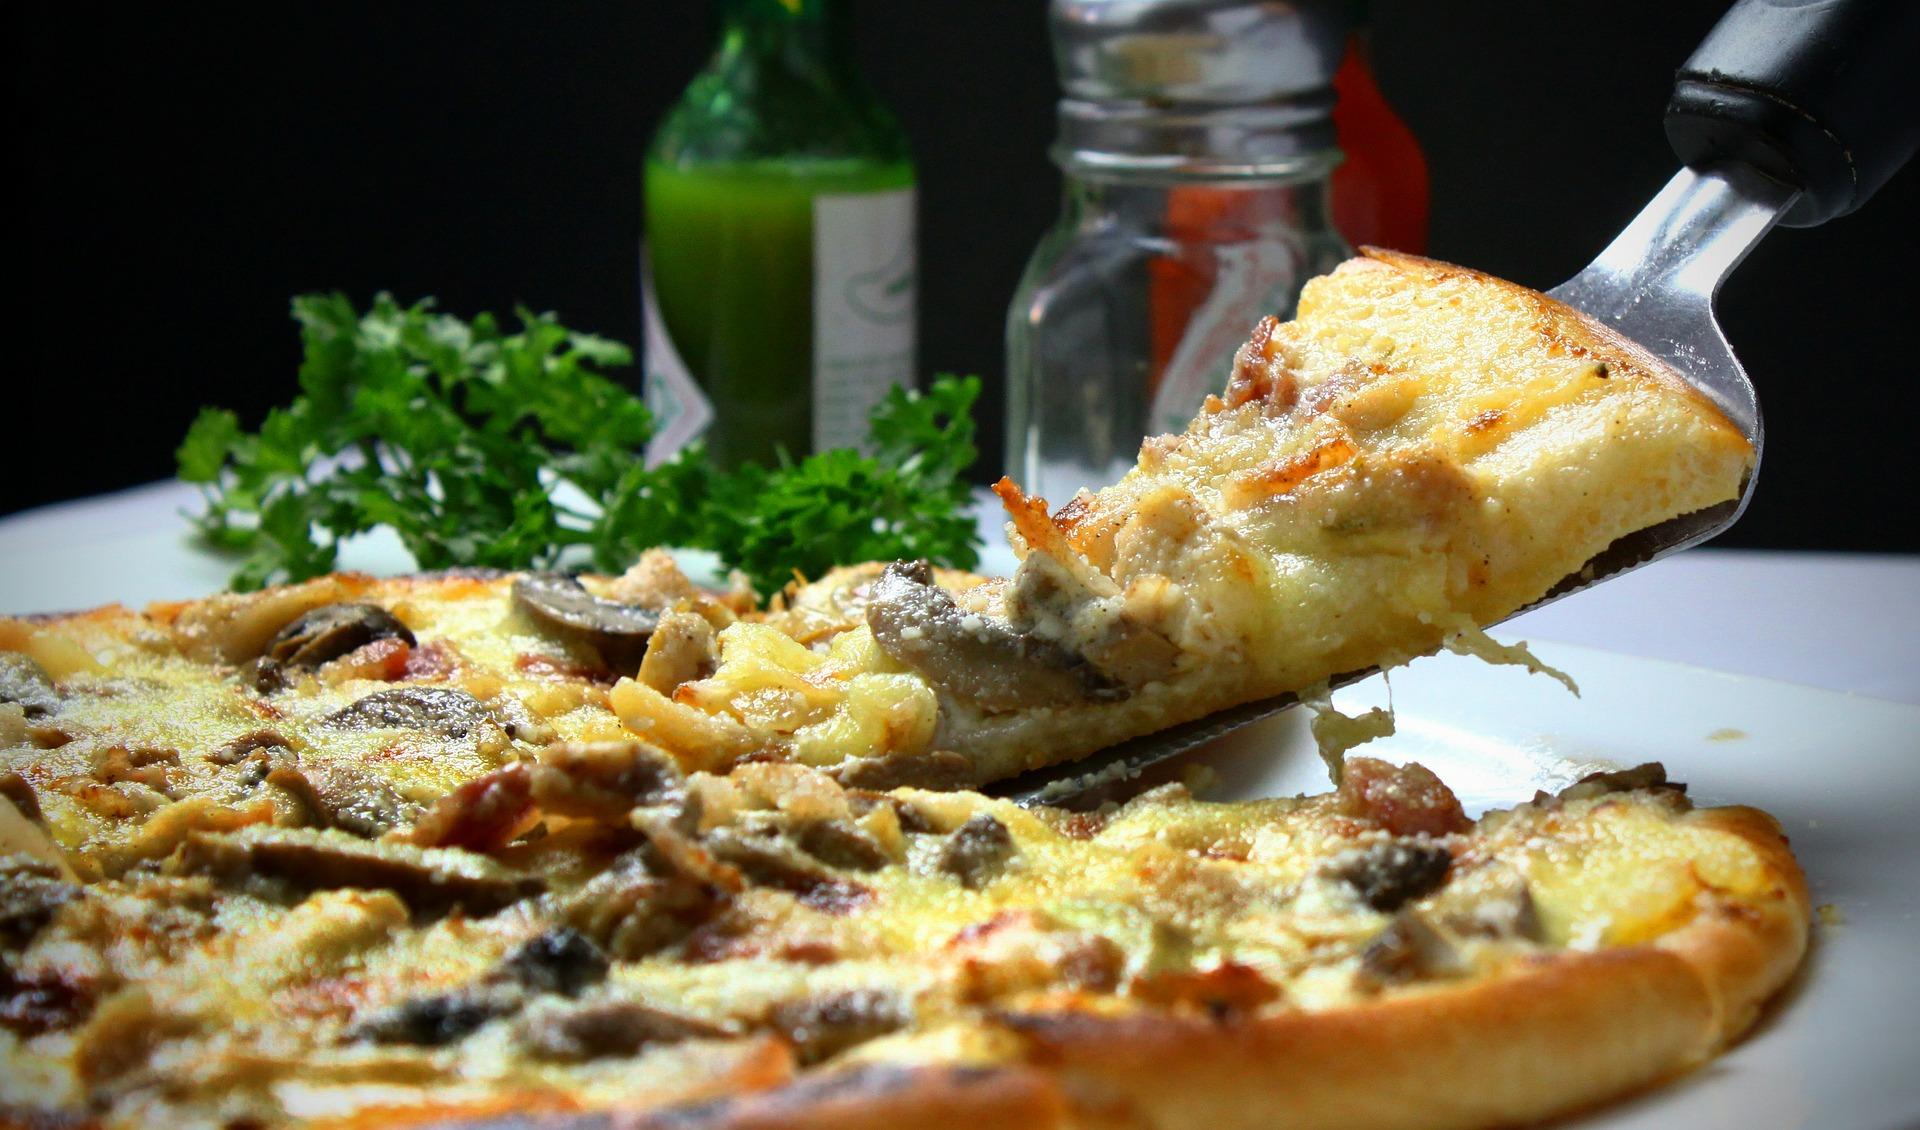 יתרונות של הזמנת אוכל מוכן